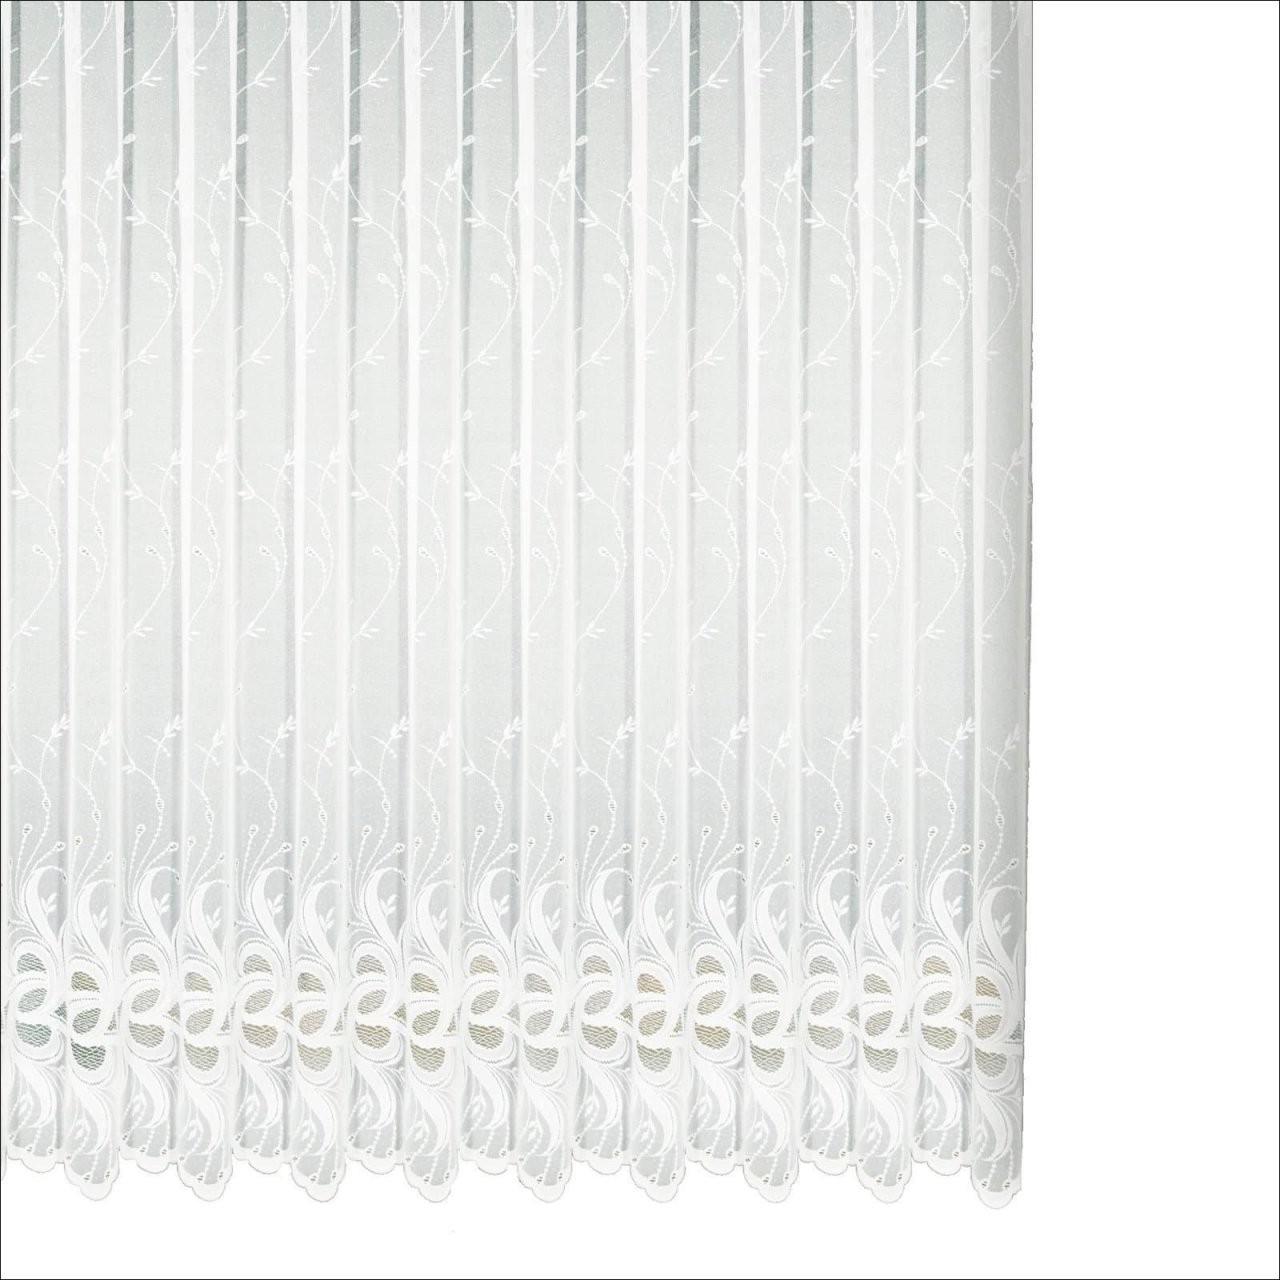 Vorhang Gardine Lang 300 X 160 Cm Feine Horizontale Beste Von von Gardinen 300 Cm Lang Bild